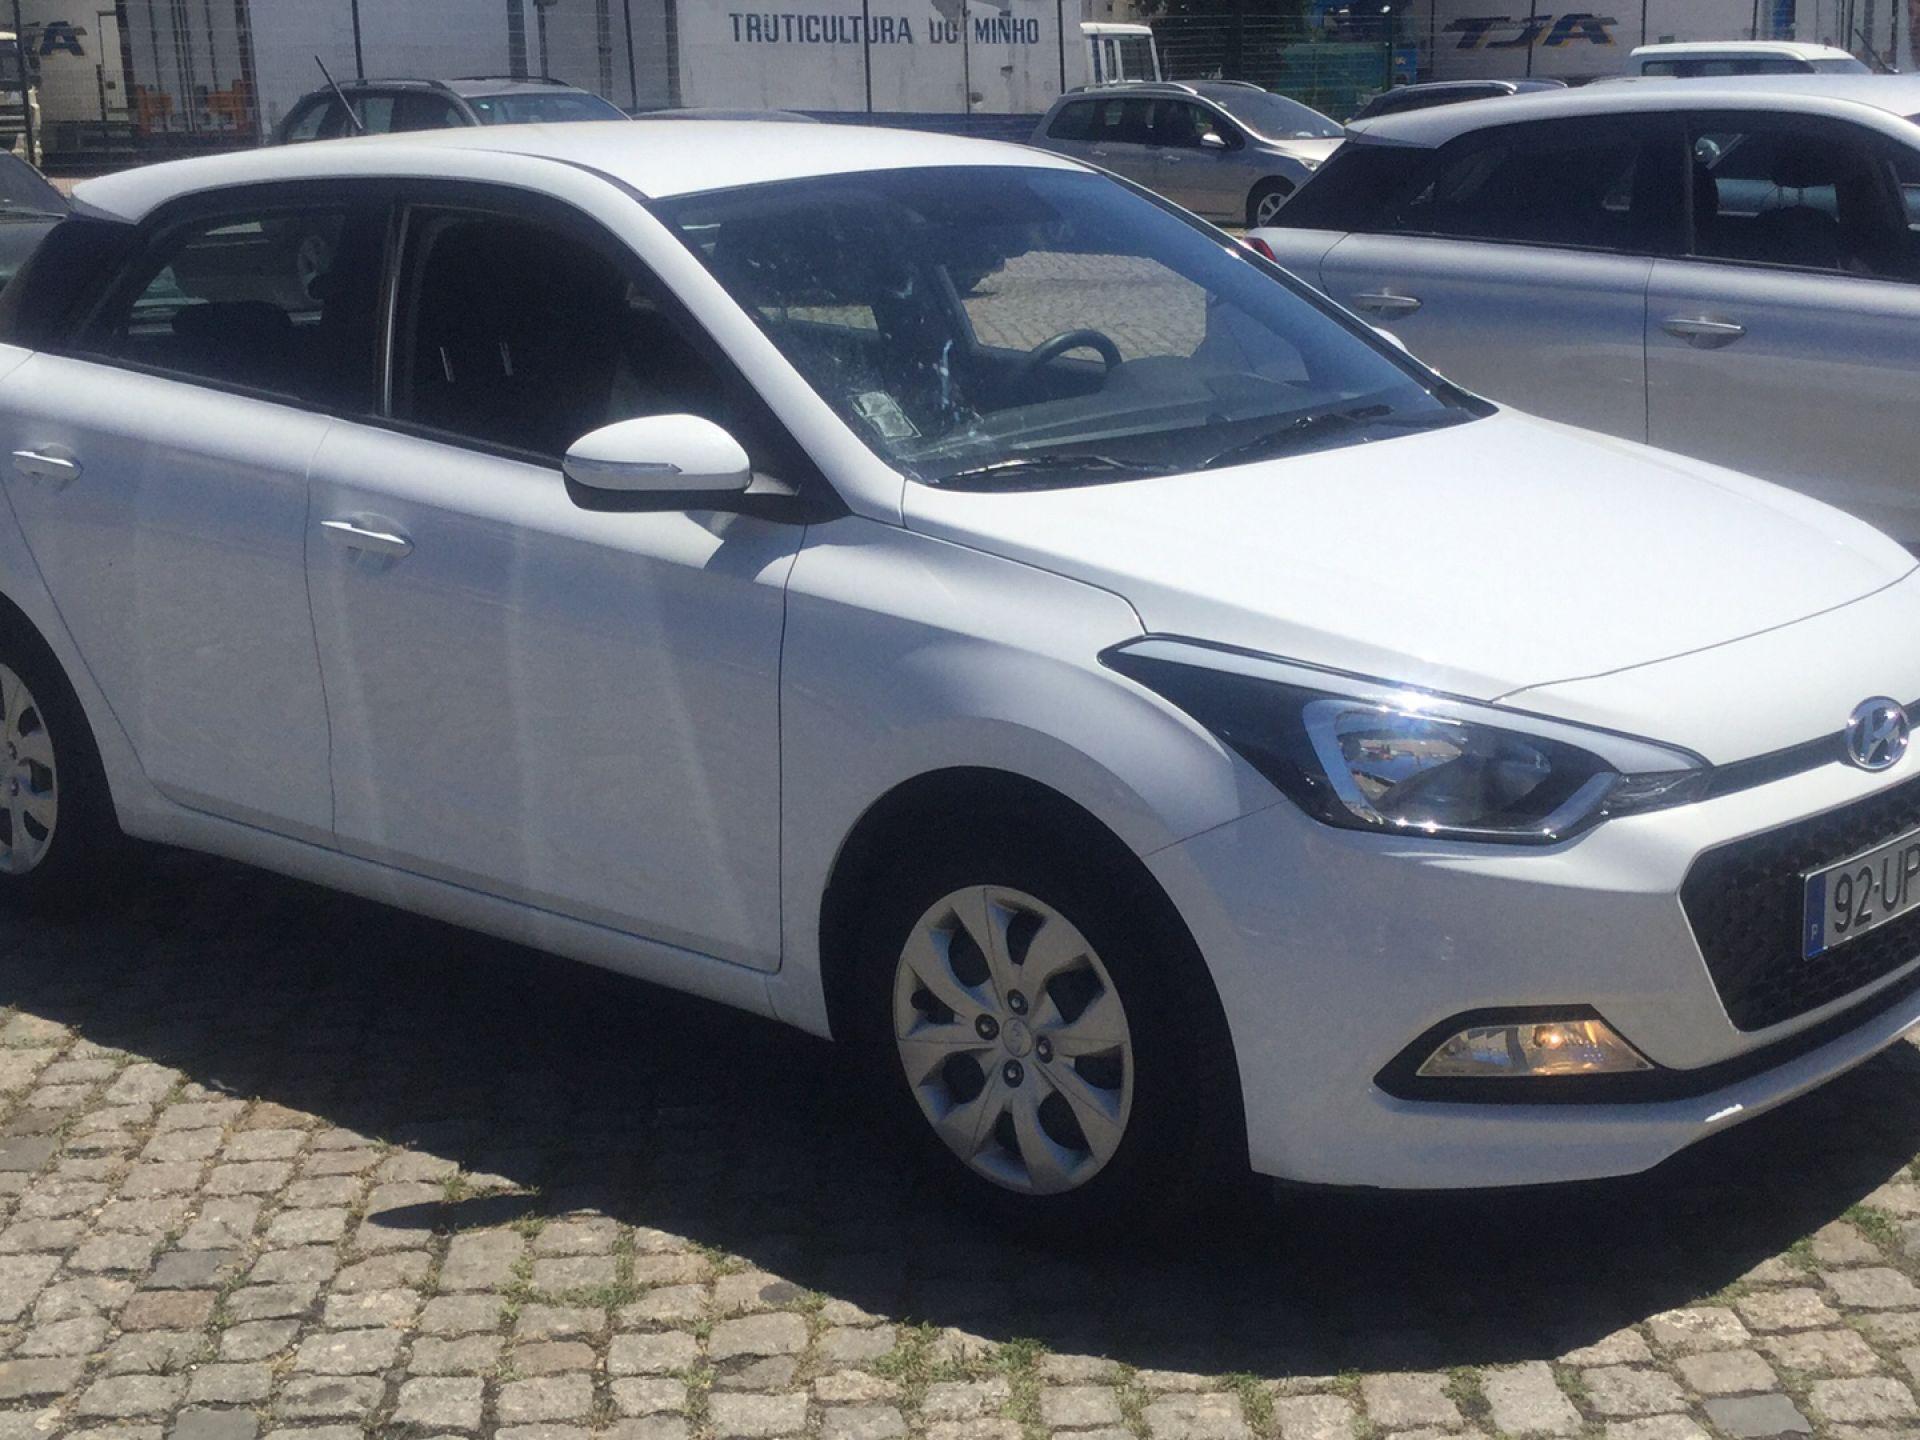 Hyundai i20 1.2 75Cv Access+Bth+Comandos segunda mão Porto